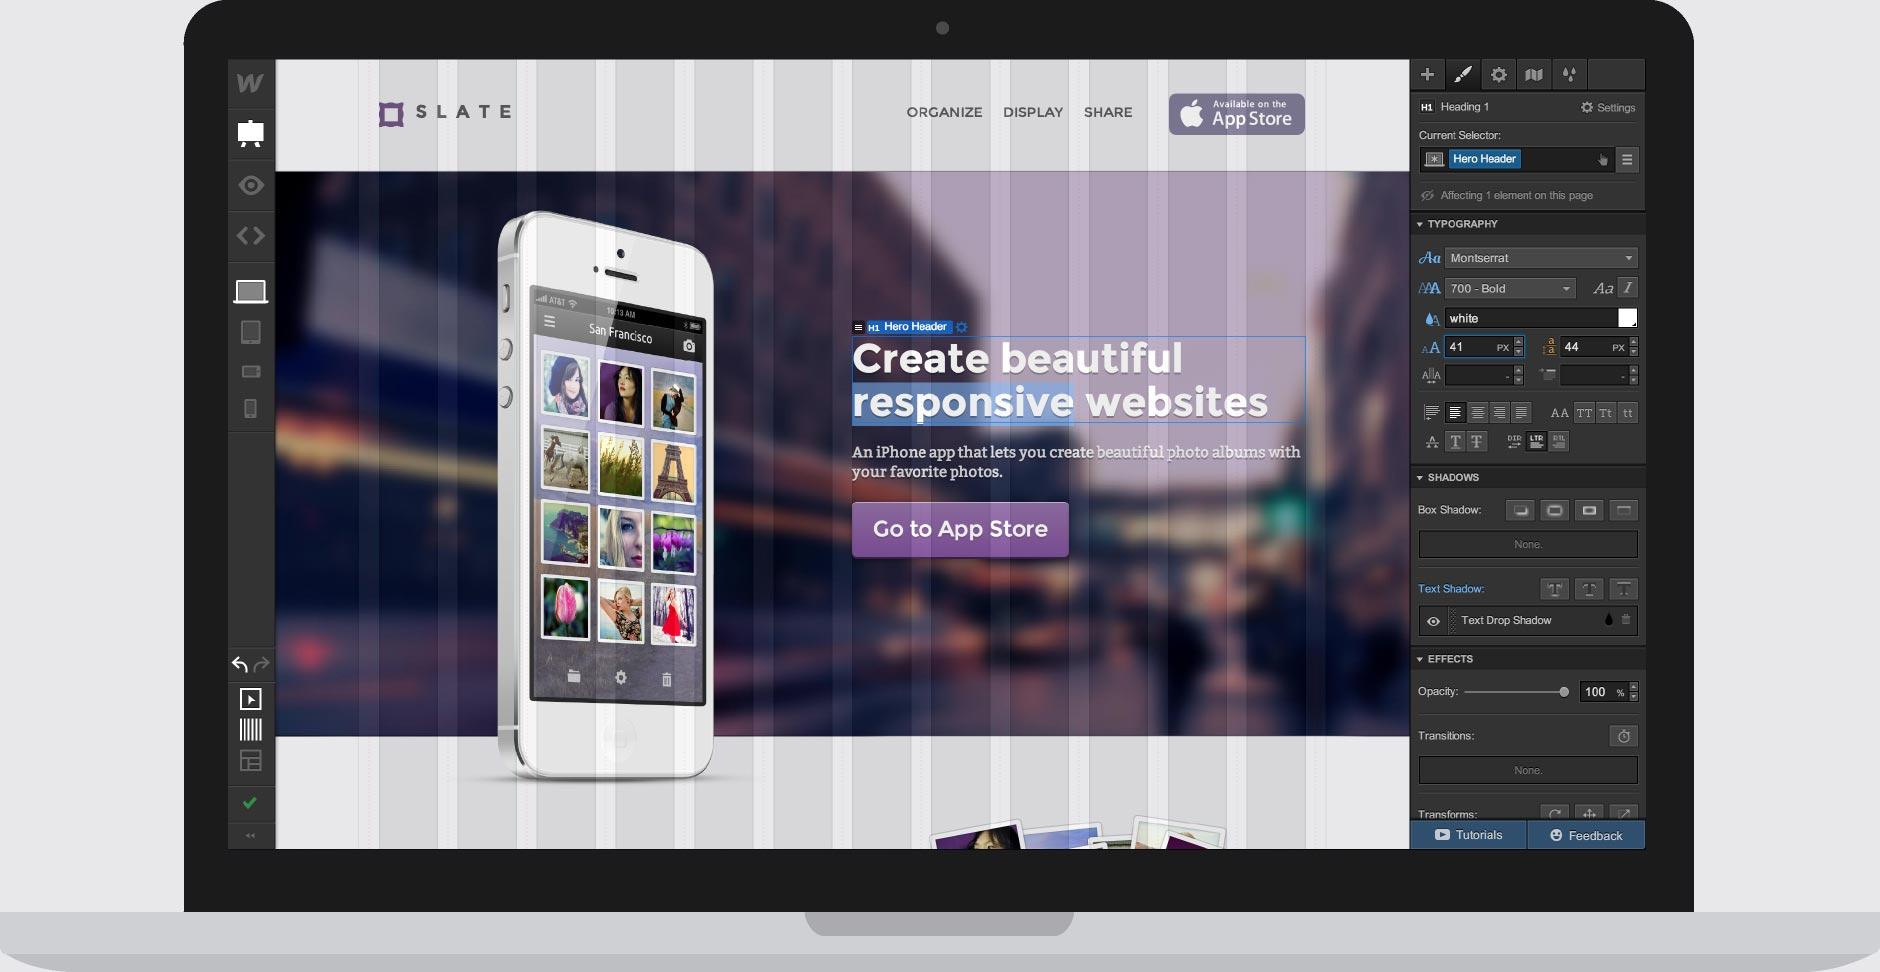 Herramientas de diseño web: Webflow, Edge reflow y Macaw